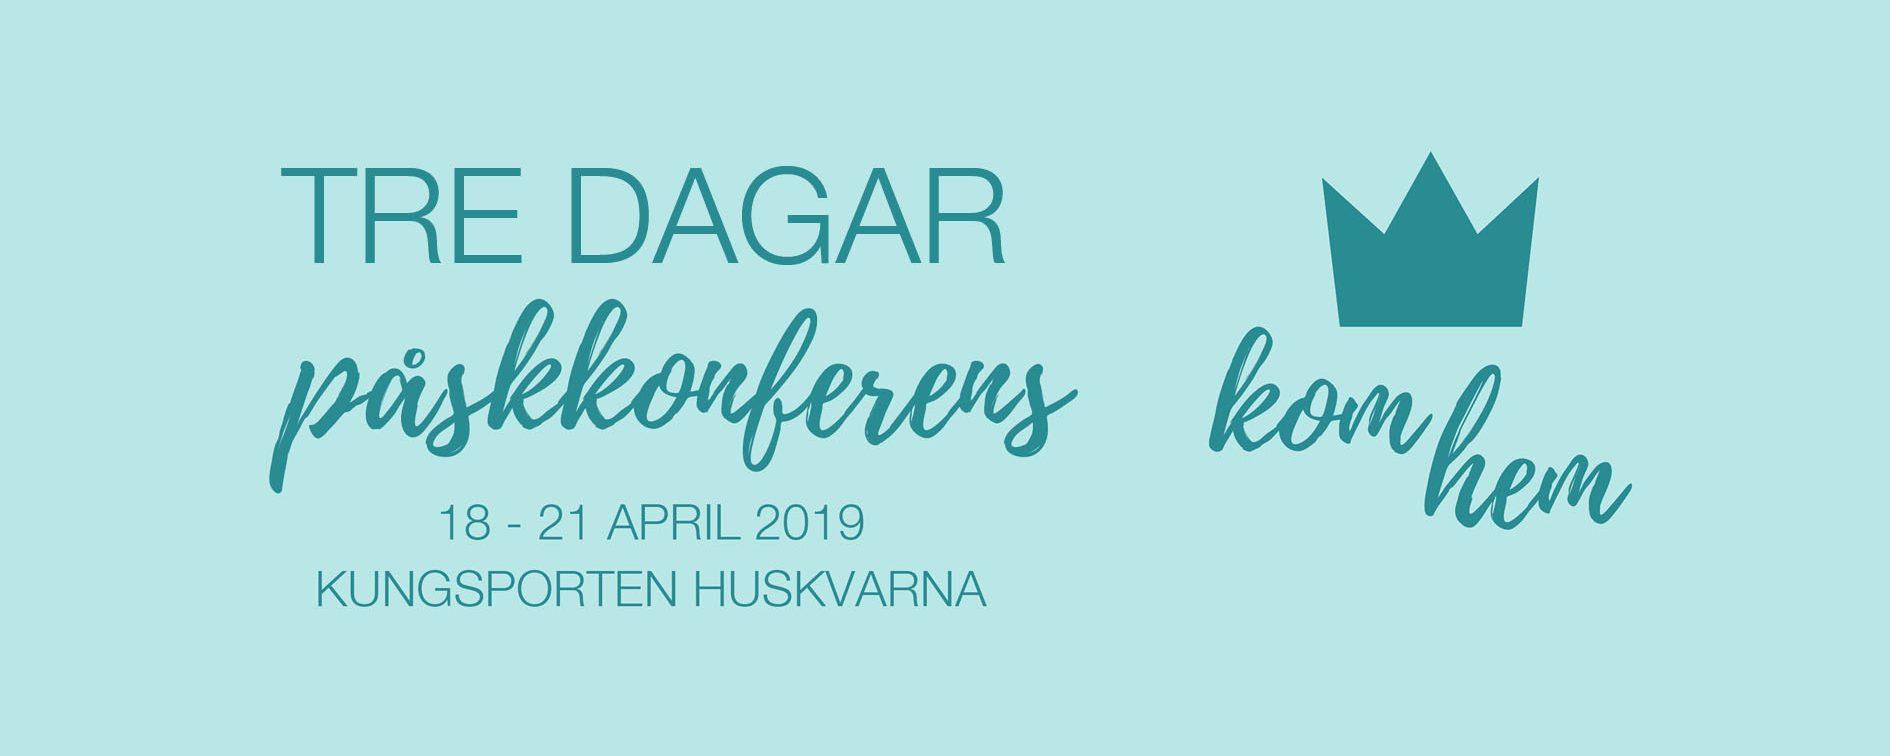 Påskkonferensen Tre dagar: Kom hem 18-21 april 2019